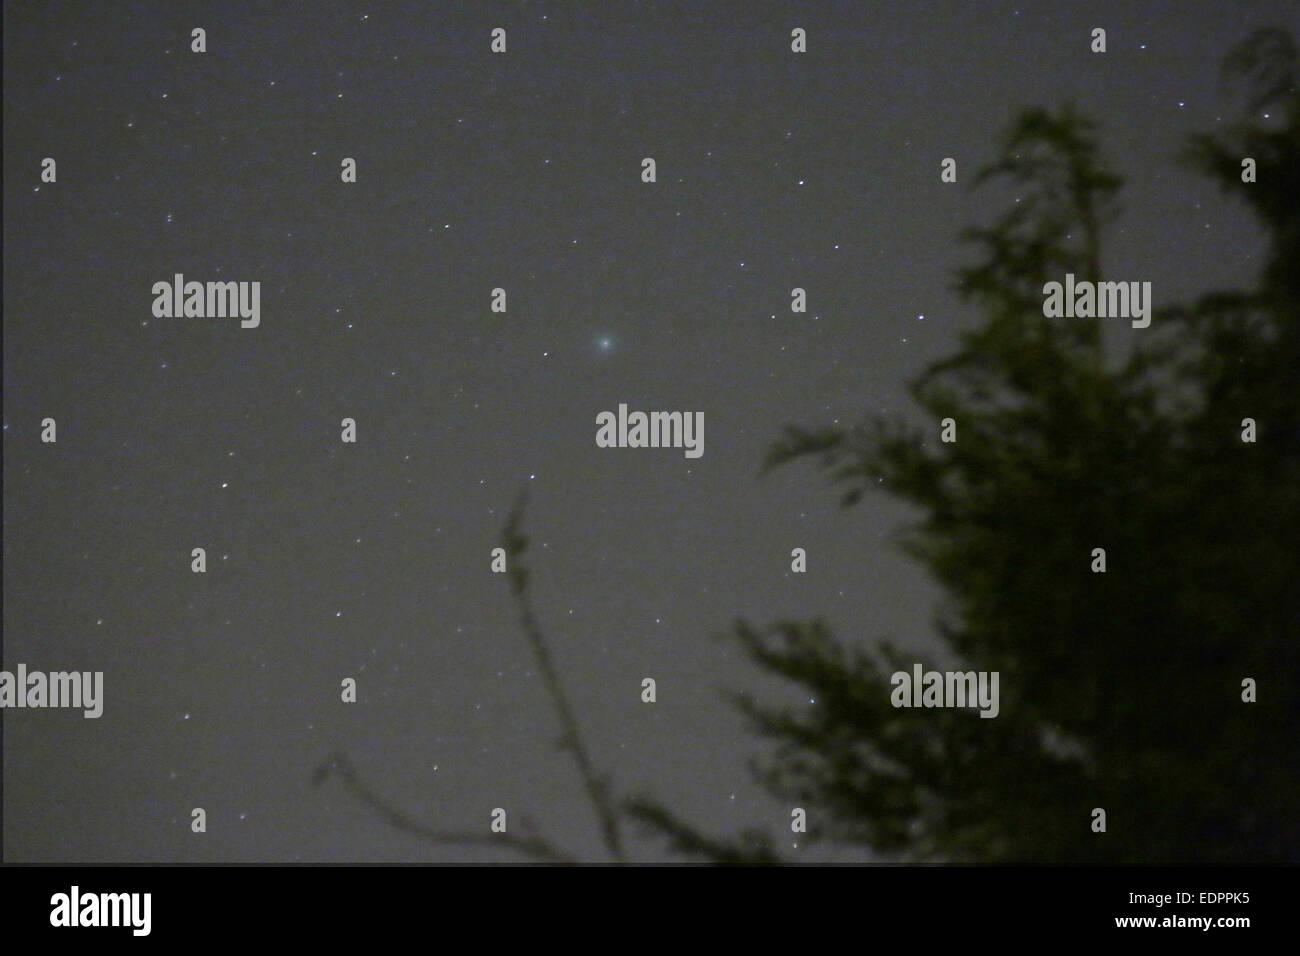 Cometa Lovejoy (2014 Q2) fotografiado el 8 de enero de 2015 desde Flackwell Heath, Bucks. La cometa es la mancha Imagen De Stock